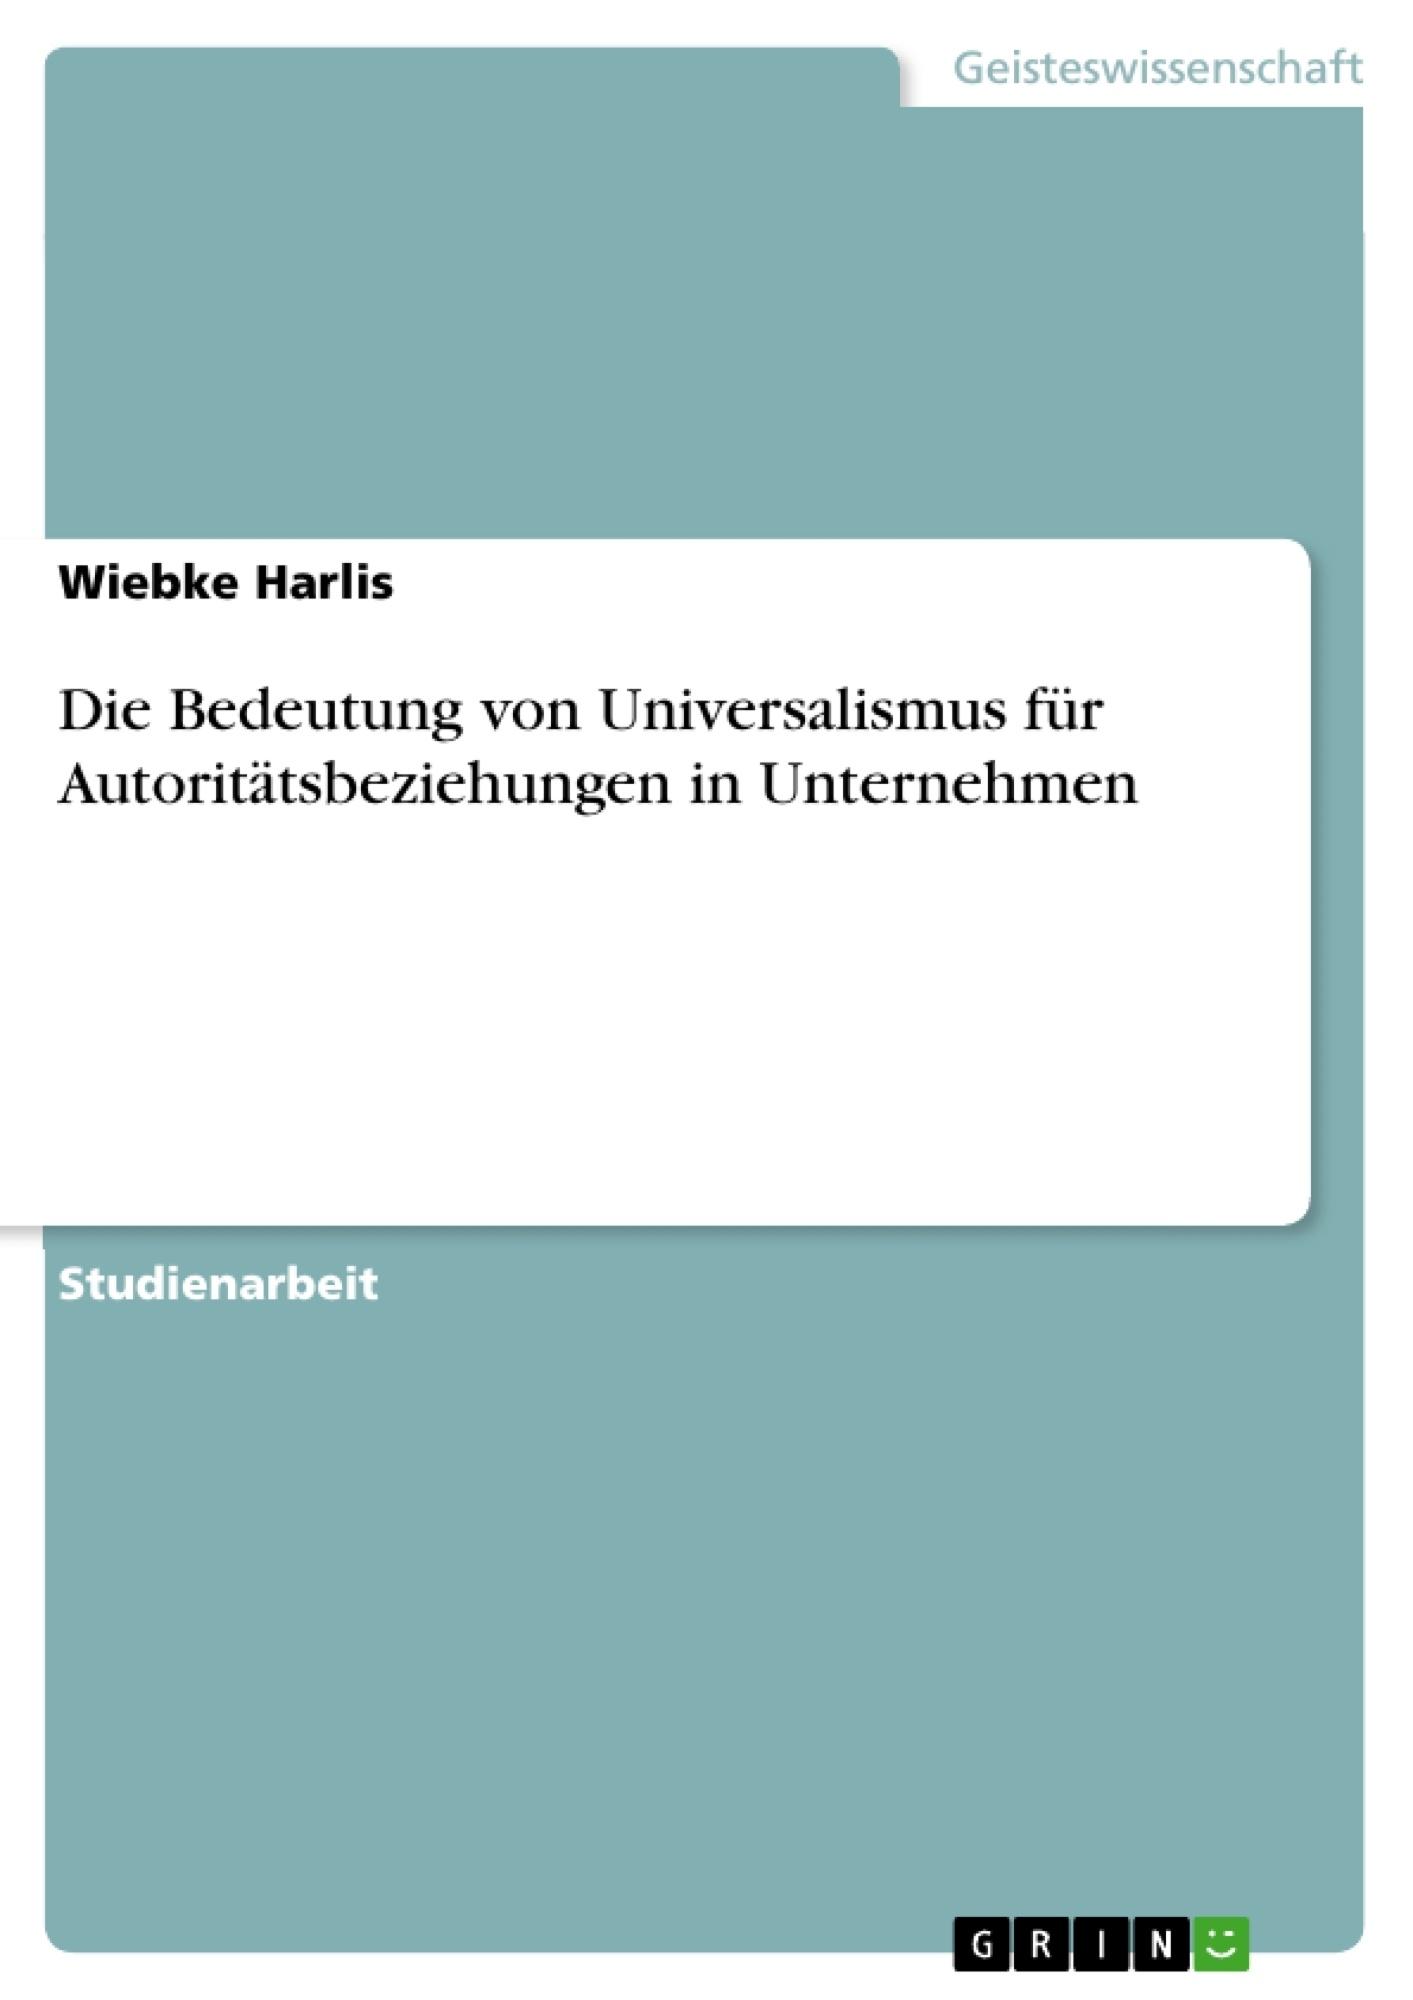 Titel: Die Bedeutung von Universalismus für Autoritätsbeziehungen in Unternehmen